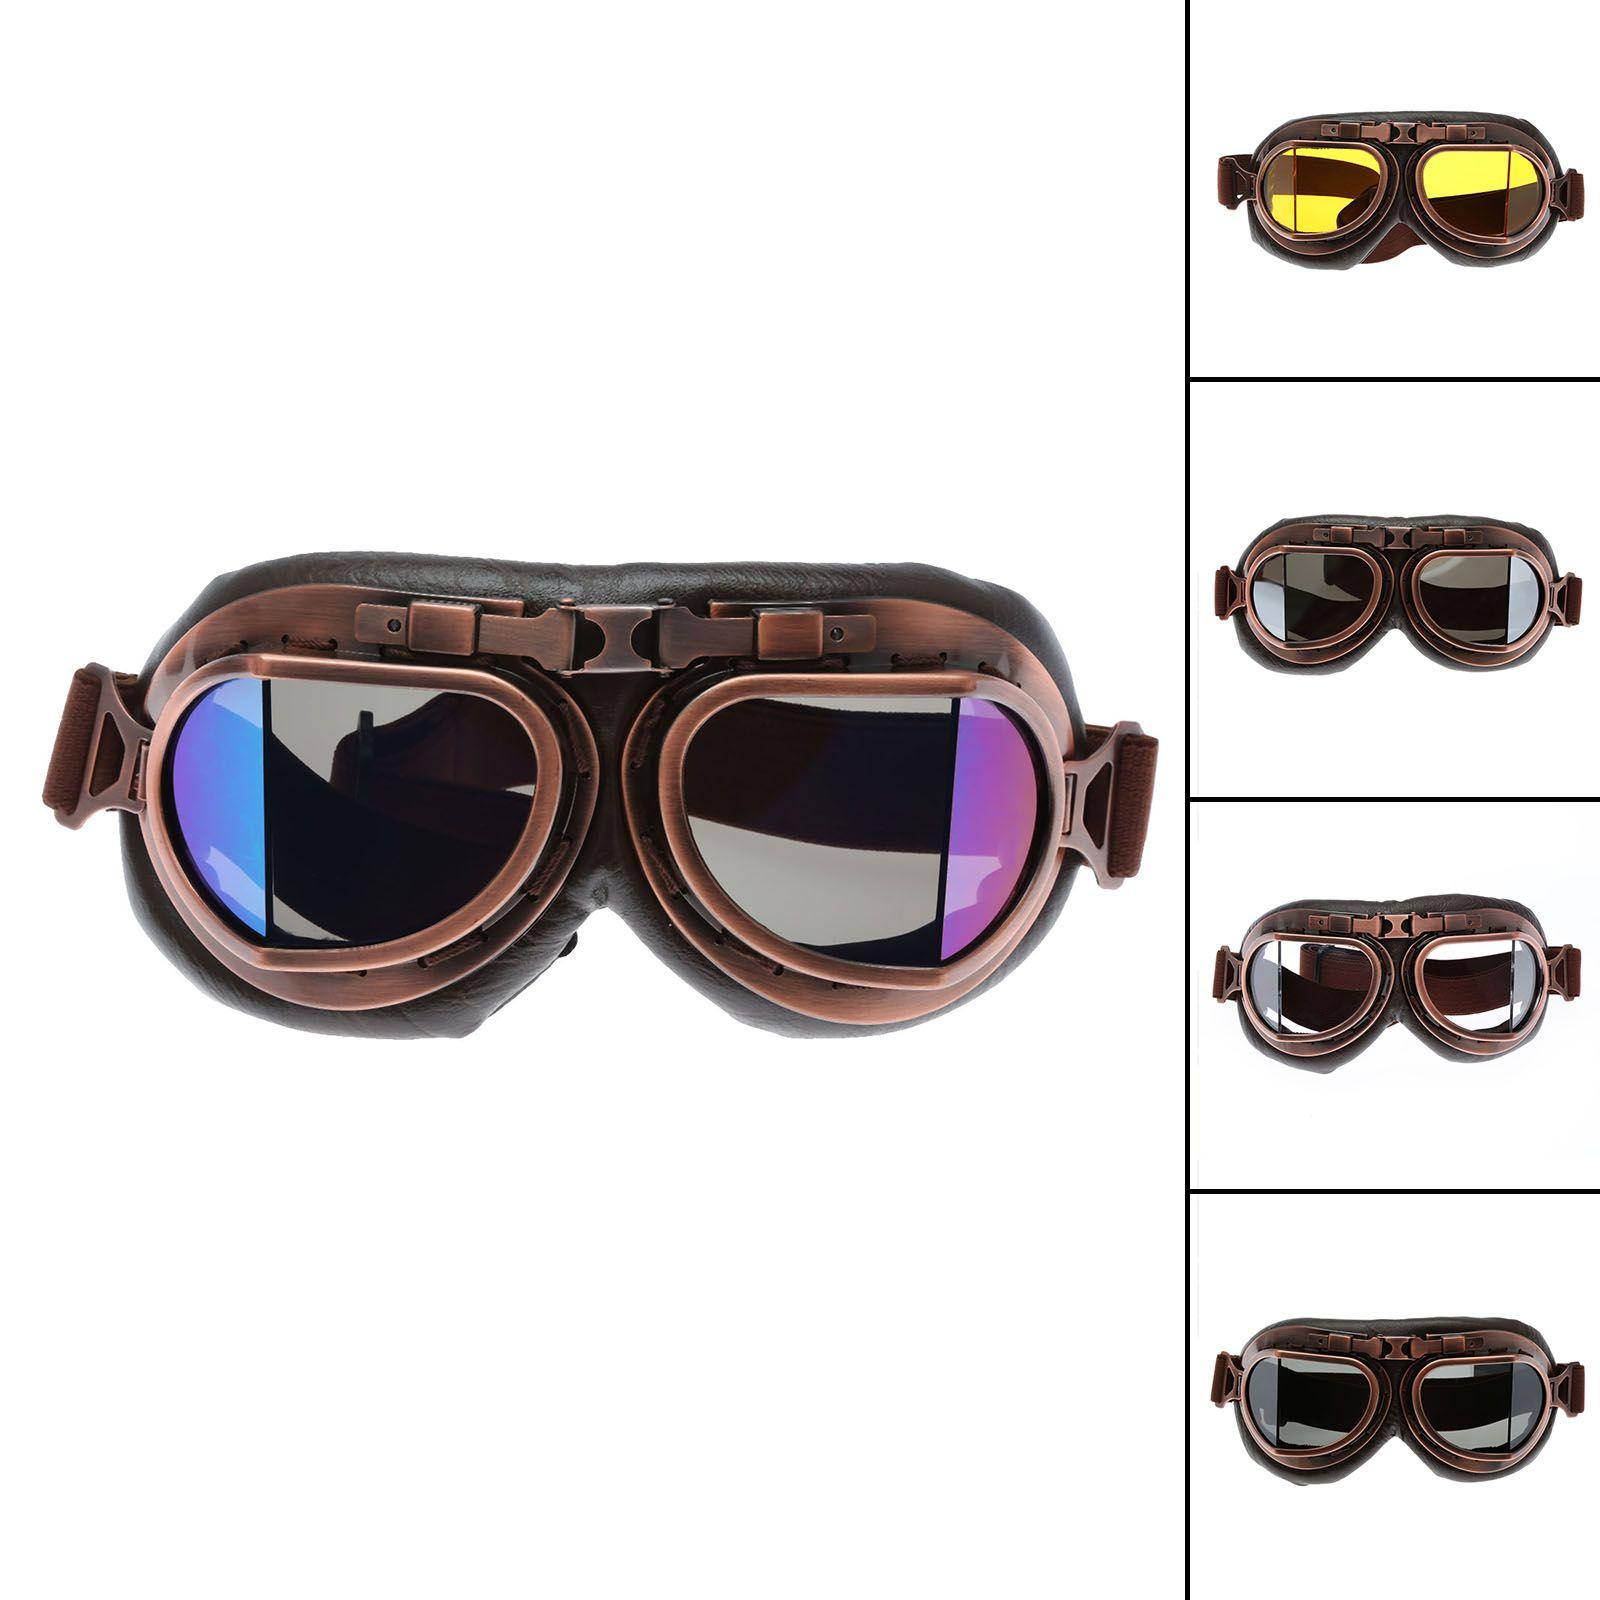 Мотоцикл очки старинные Мотокросс классический очки ретро Авиатор Пилот Cruiser стимпанк квадроцикл УФ-защита медь